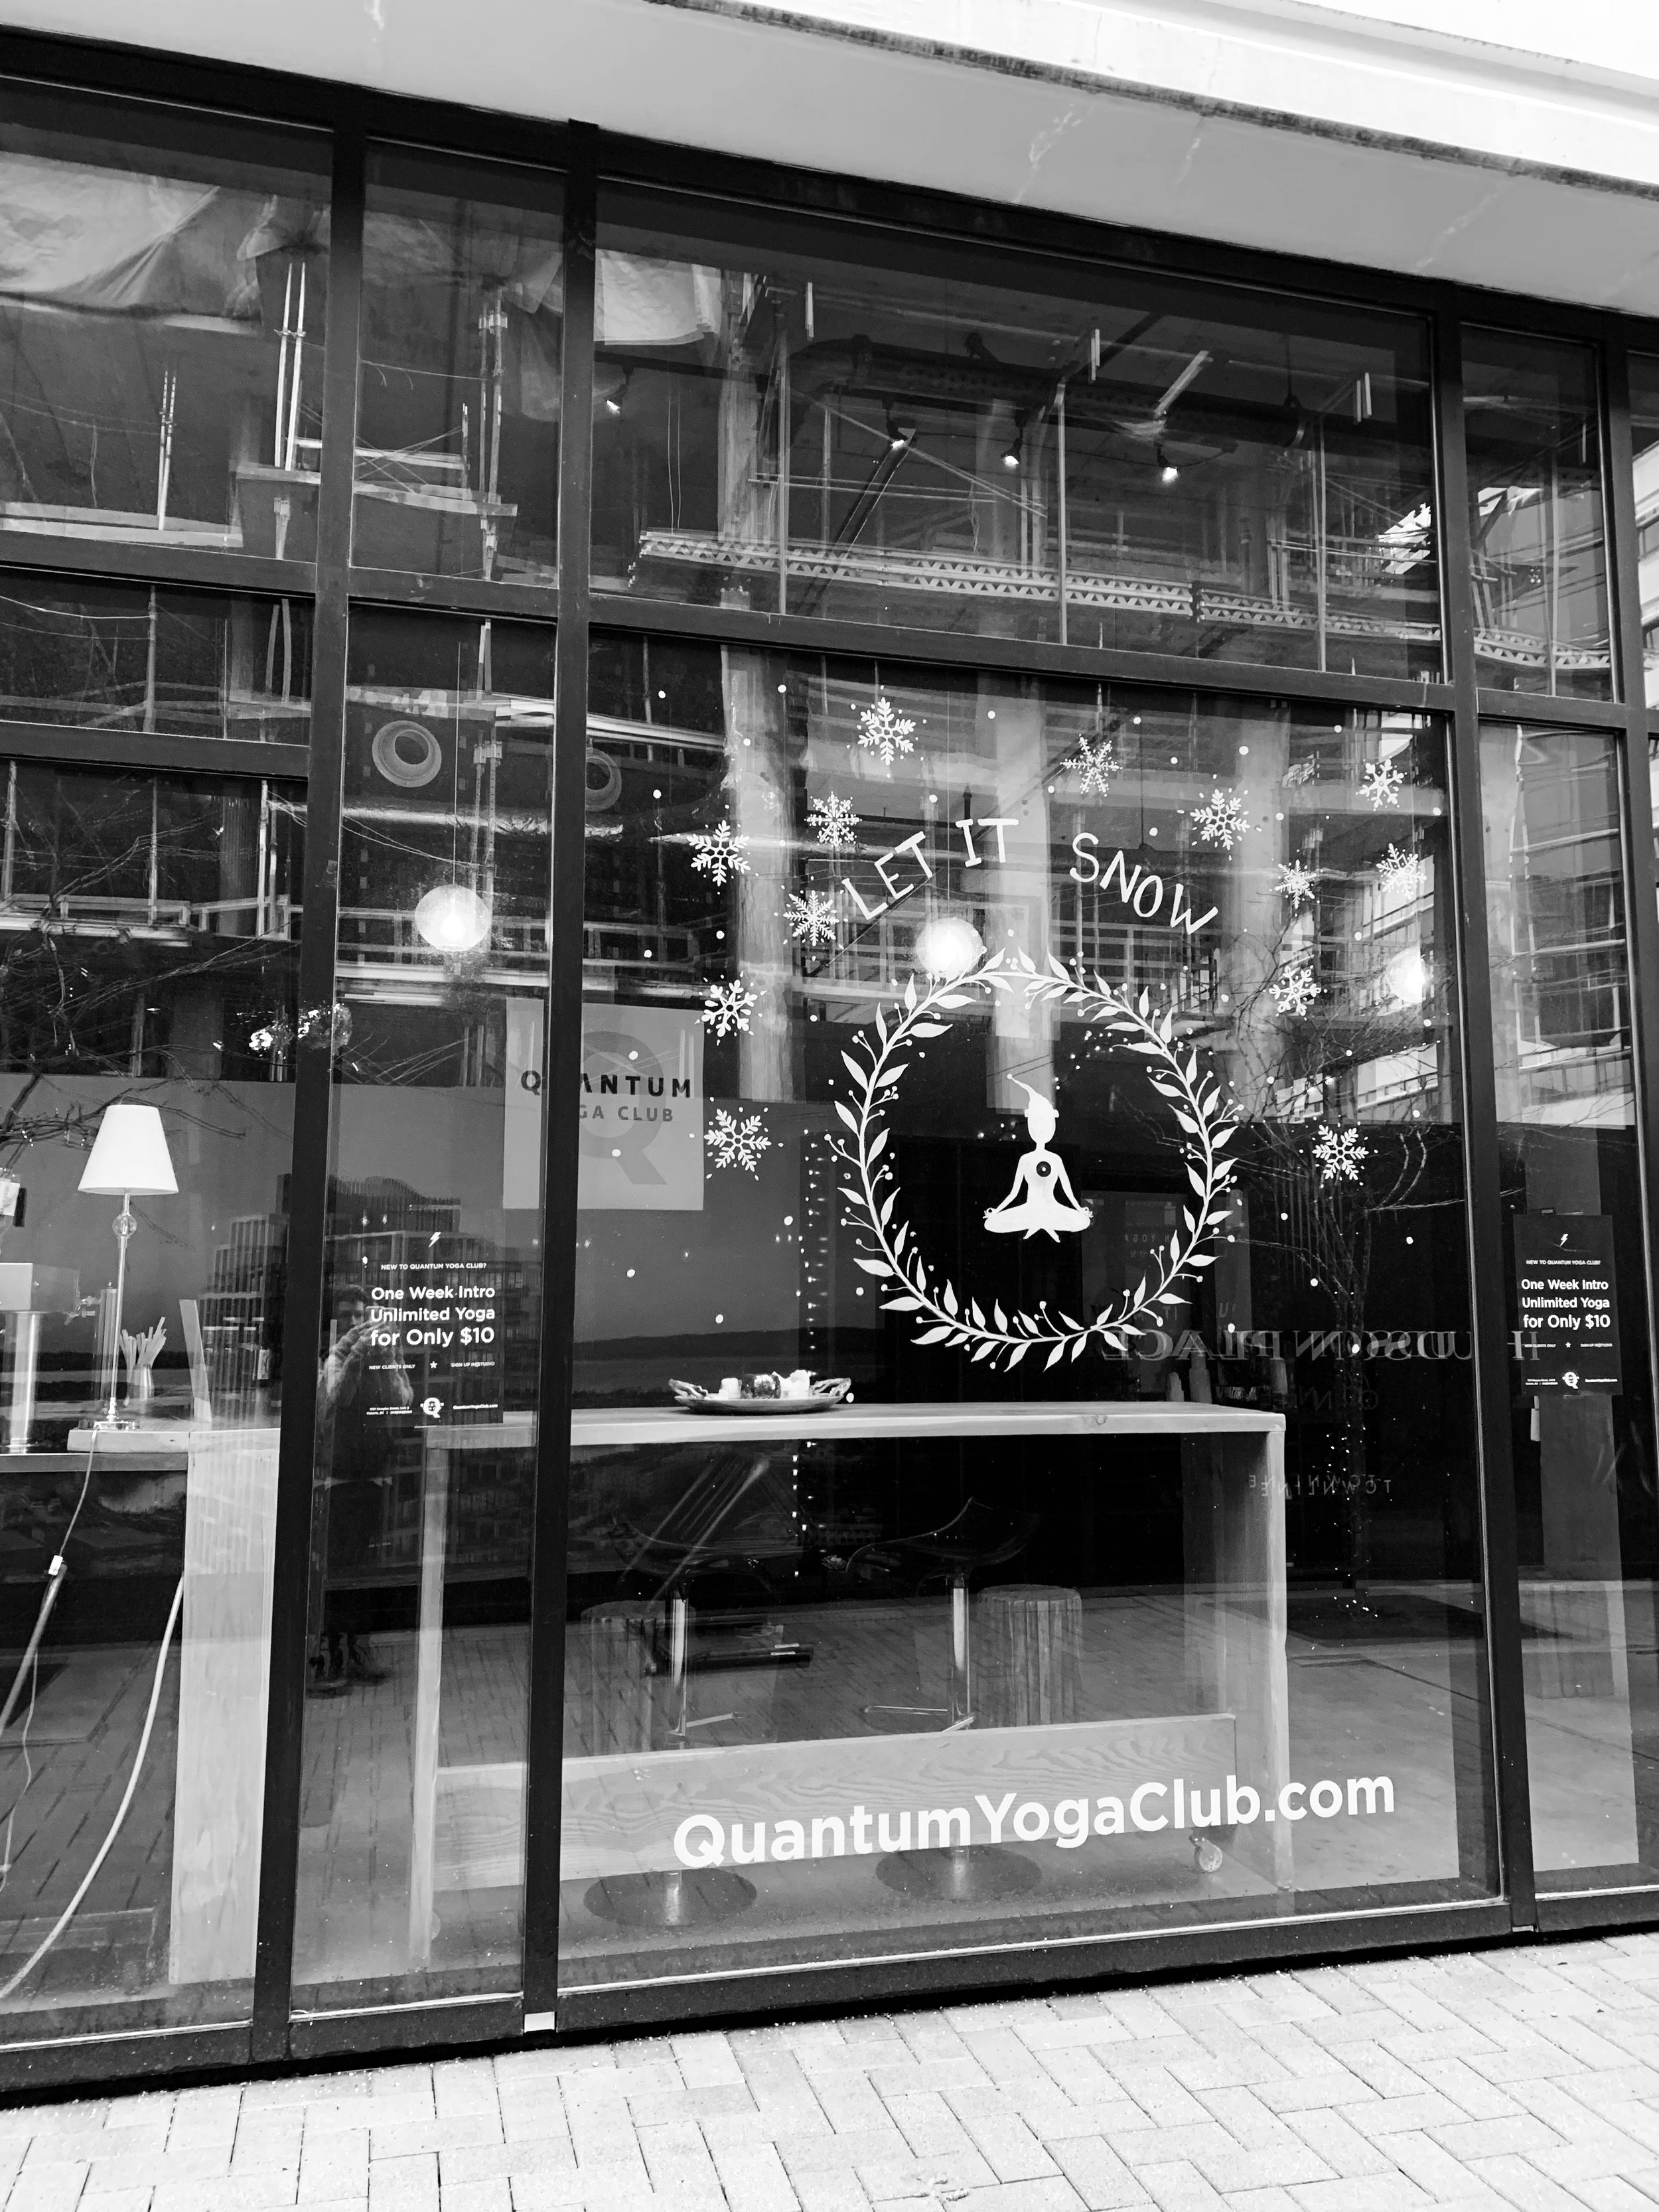 Quantum Yoga Club, Victoria, BC